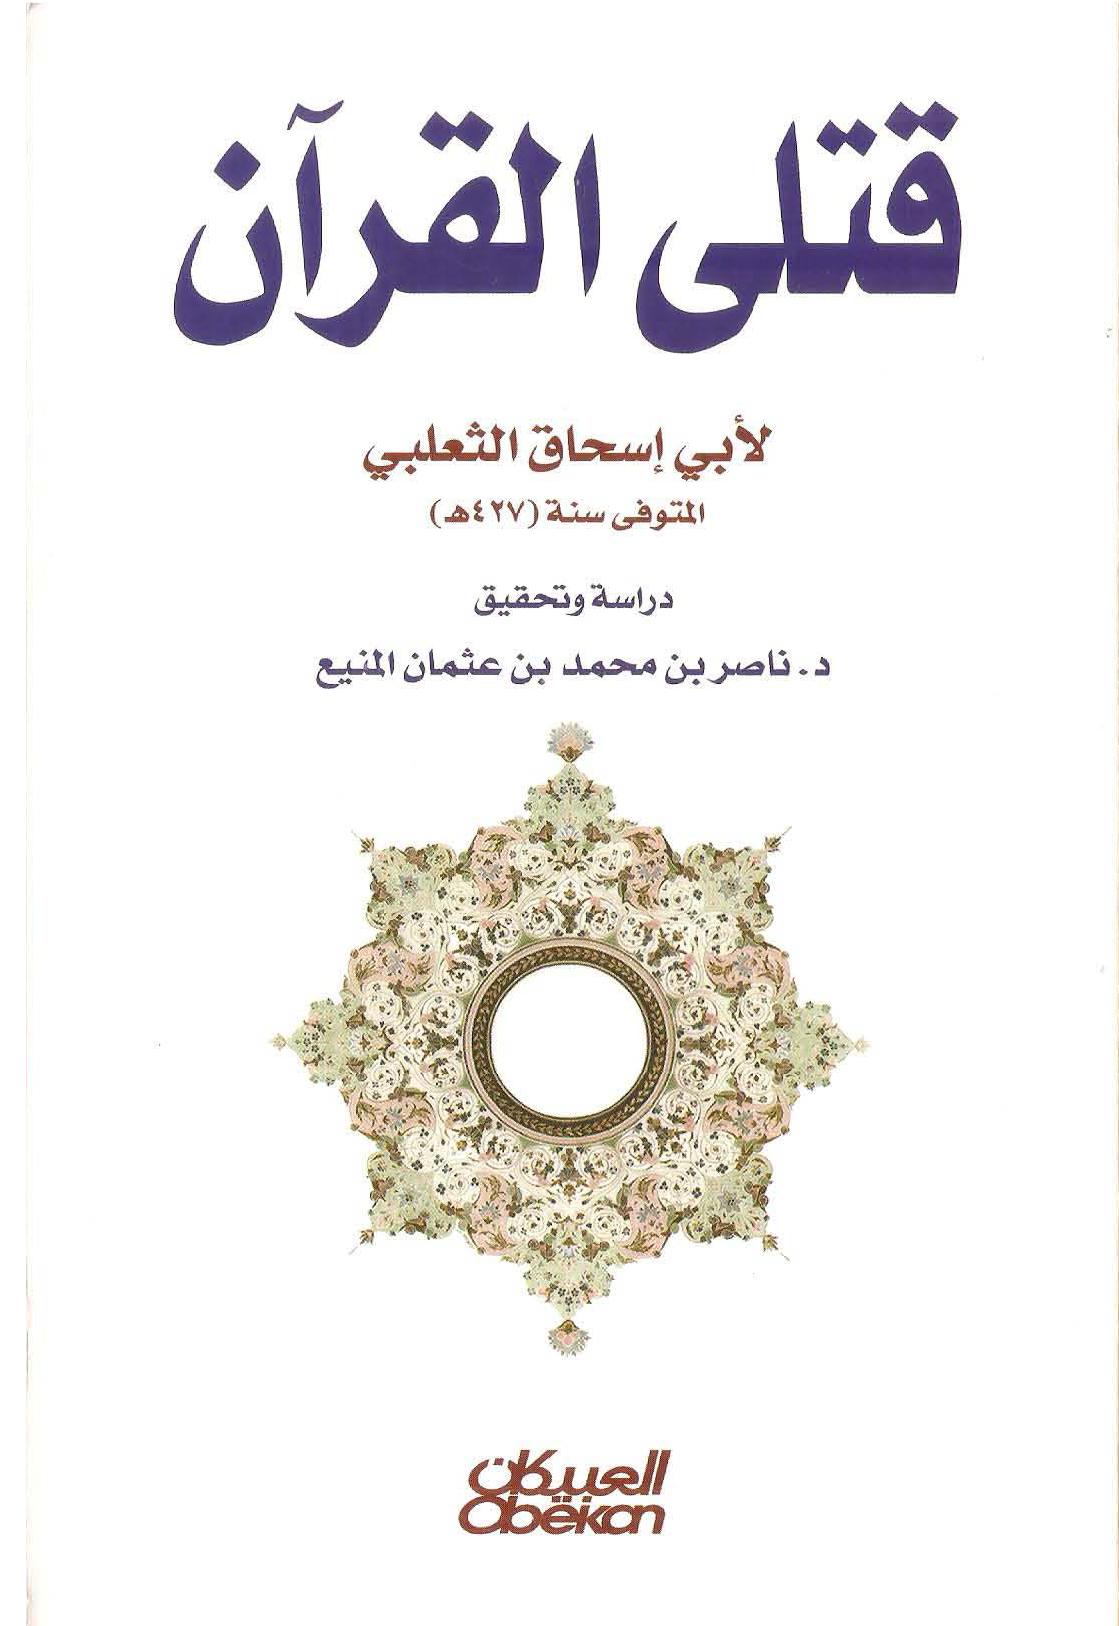 تحميل كتاب قتلى القرآن لـِ: الإمام أبو إسحاق أحمد بن محمد بن إبراهيم الثعلبي النيسابوري (ت 427)